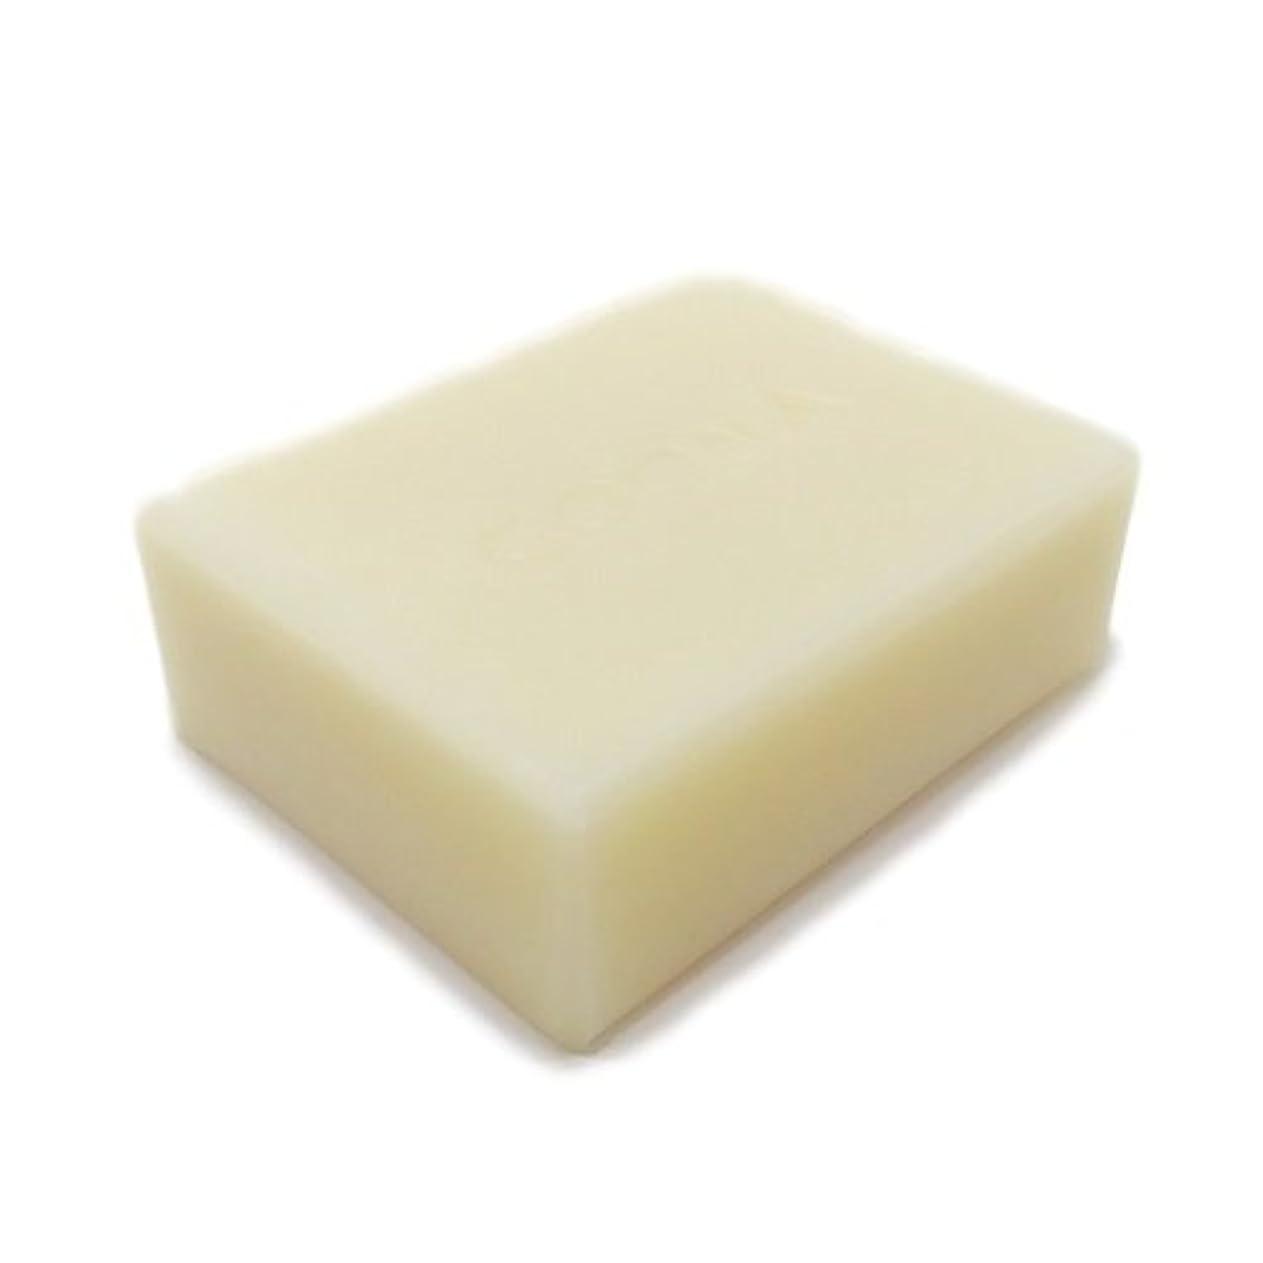 説教壮大な励起浴用石鹸 COONA和の香り石けん はっか (天然素材 自然派 コールドプロセス 手作り せっけん) 80g